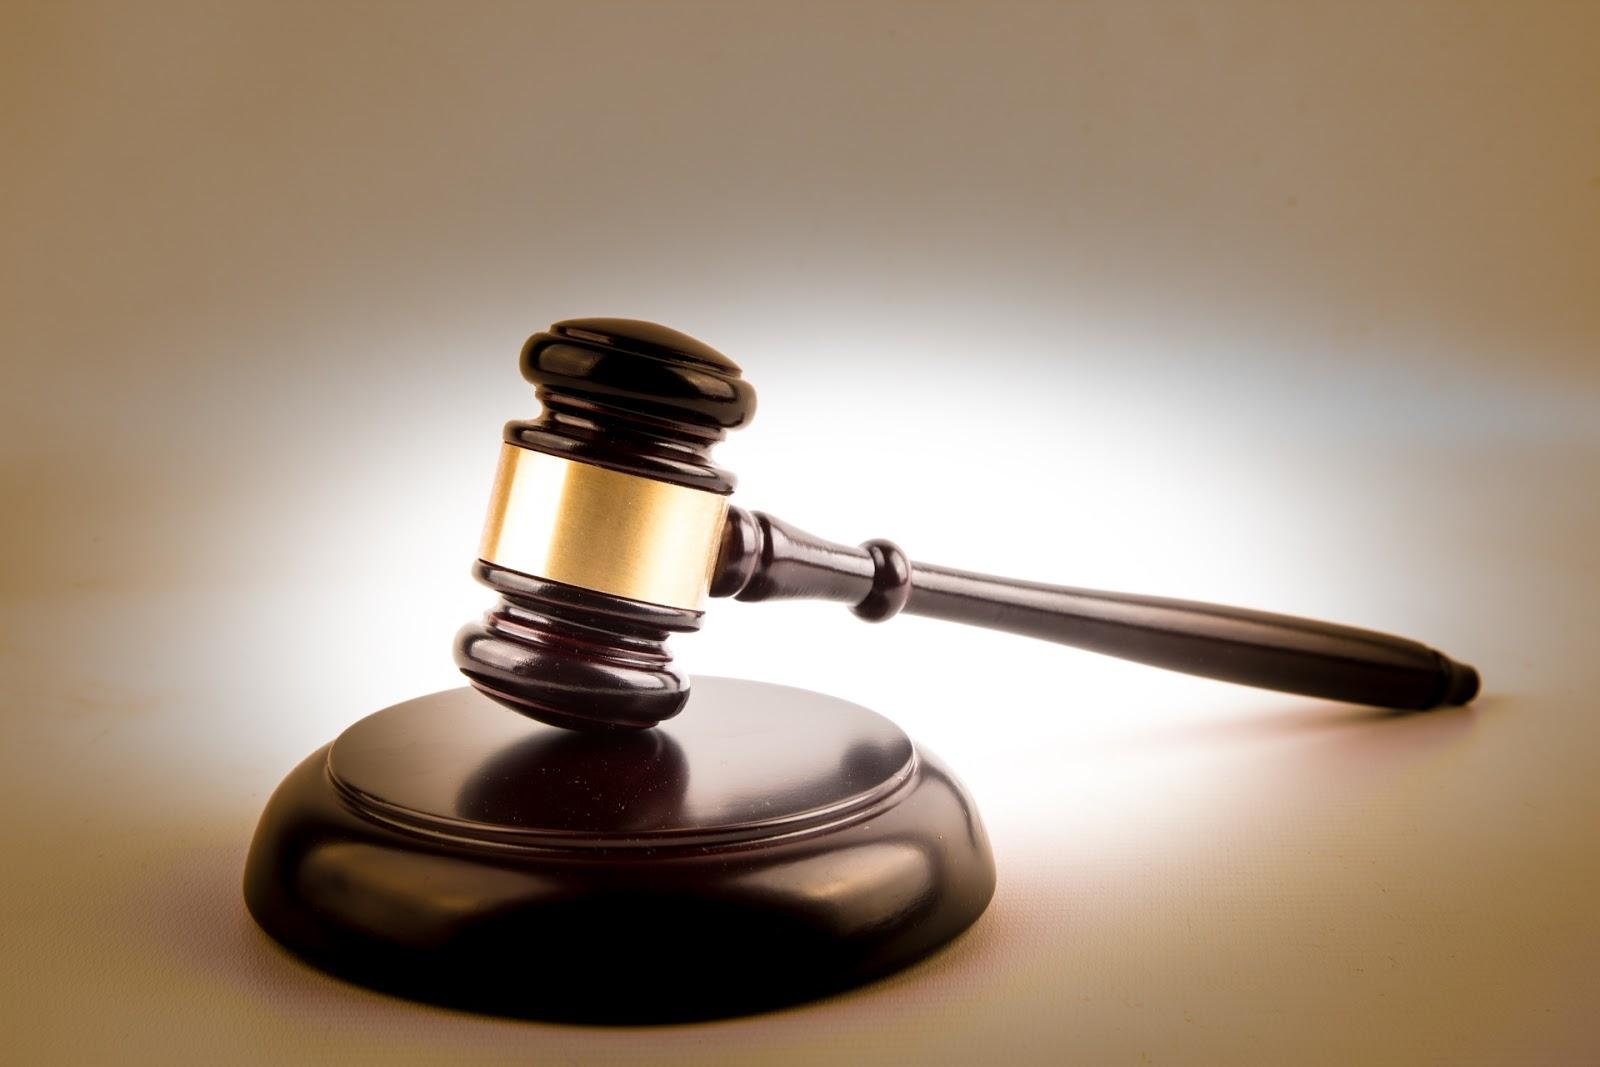 Mesothelioma Attorney Mesothelioma Lawyer Mesothelioma Legal Top 10 Best Mesothelioma Lawyers And Attorney In Washington